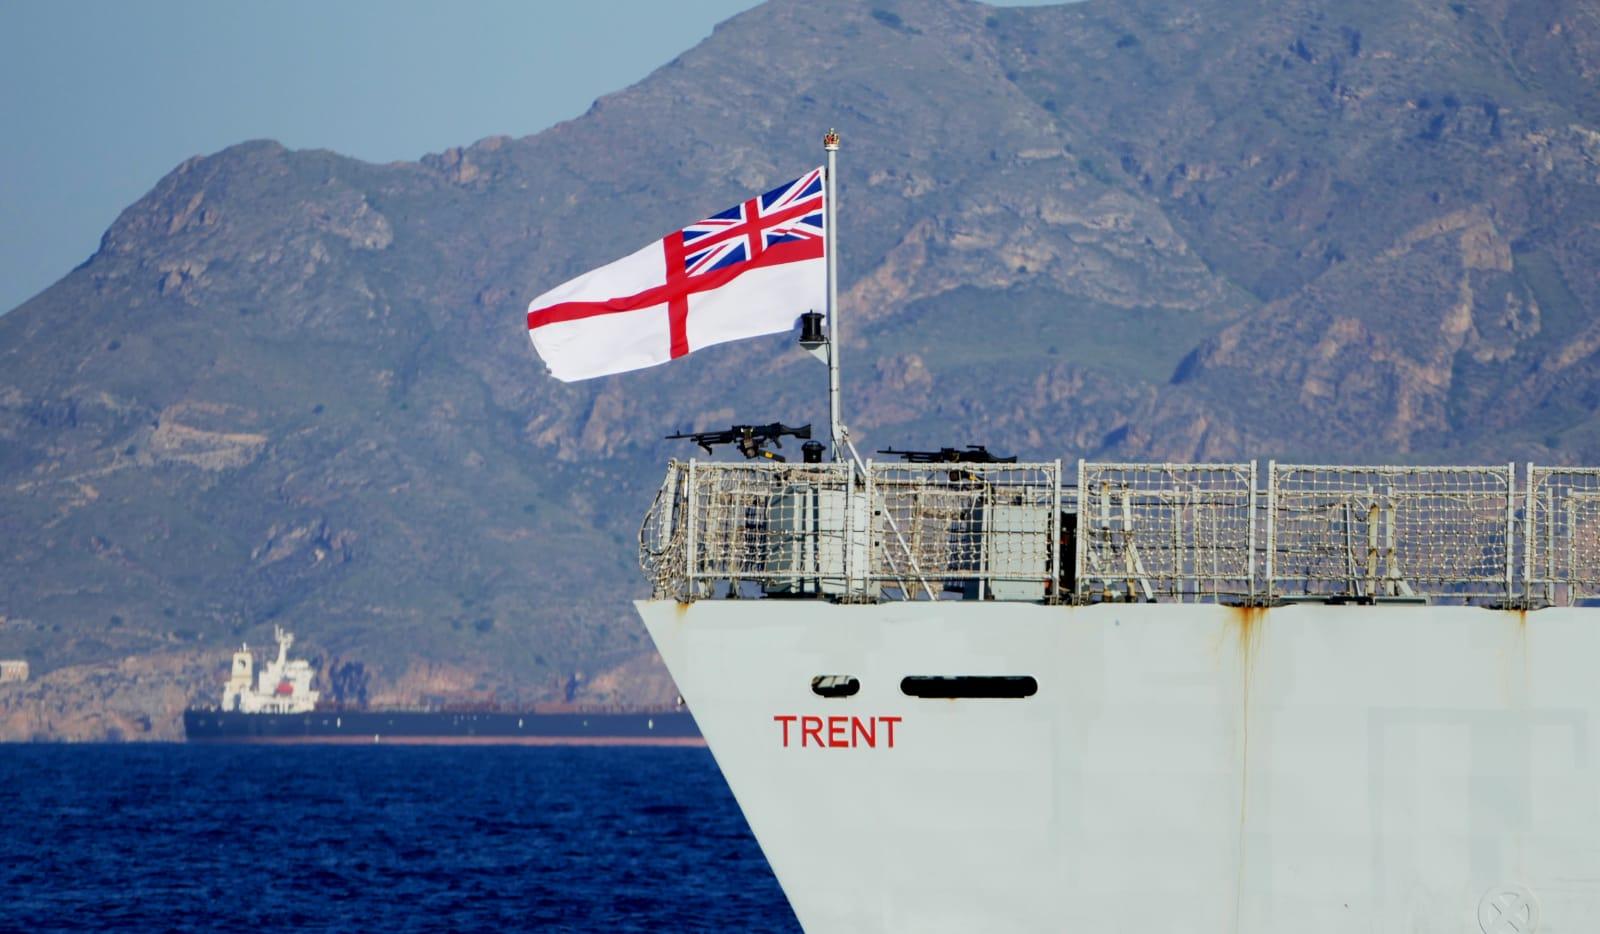 El patrullero oceánico tiene su base desde abril de 2021 en Gibraltar